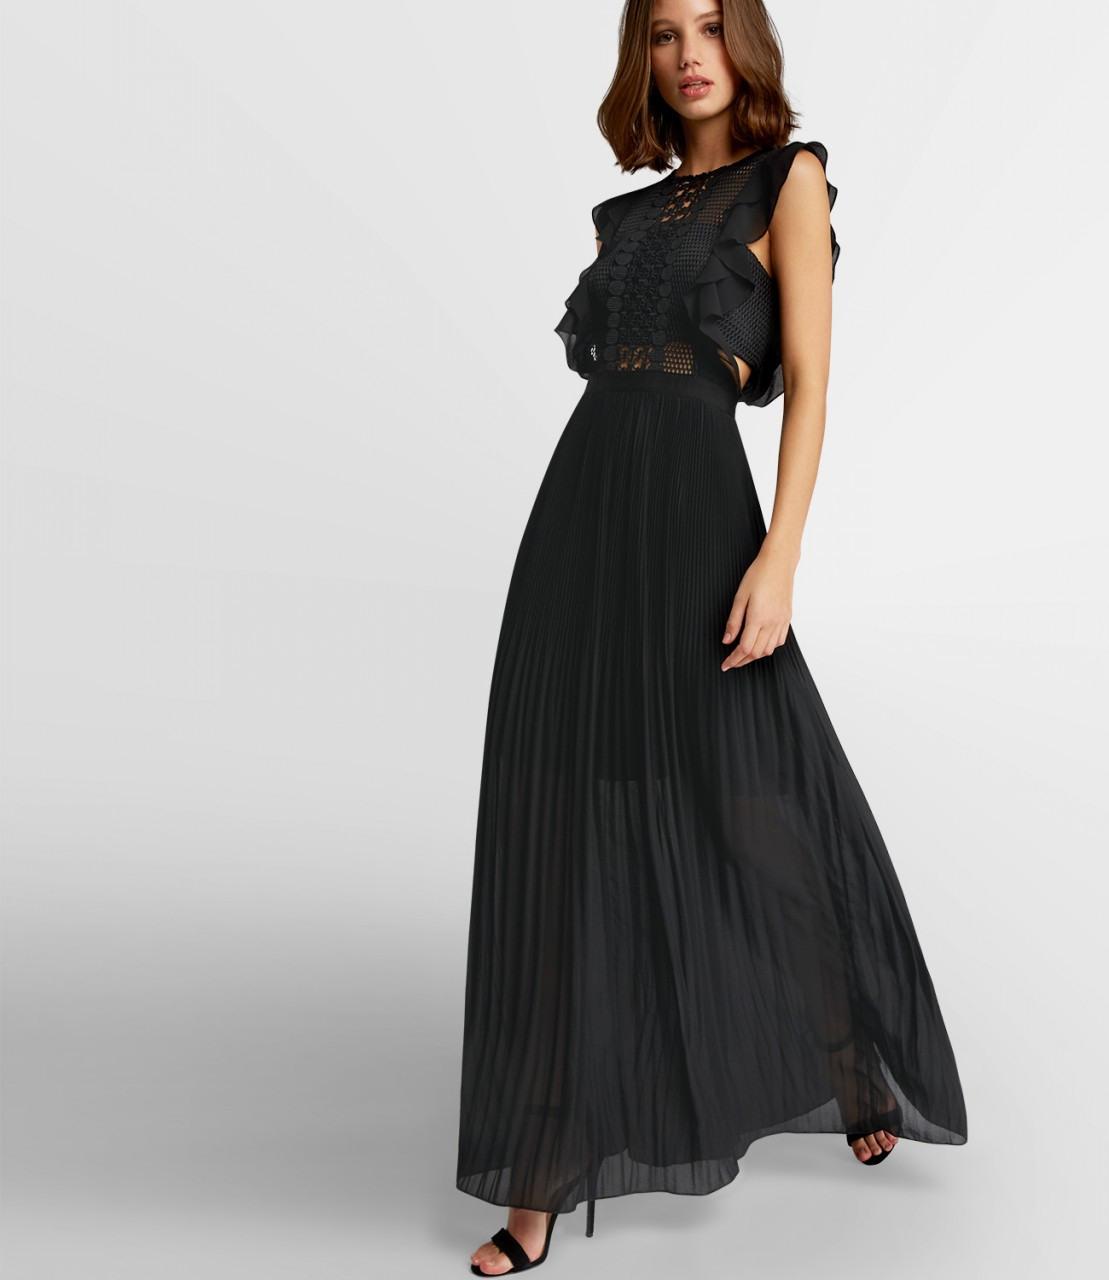 Coolste Apart Abend Kleid VertriebFormal Cool Apart Abend Kleid Galerie